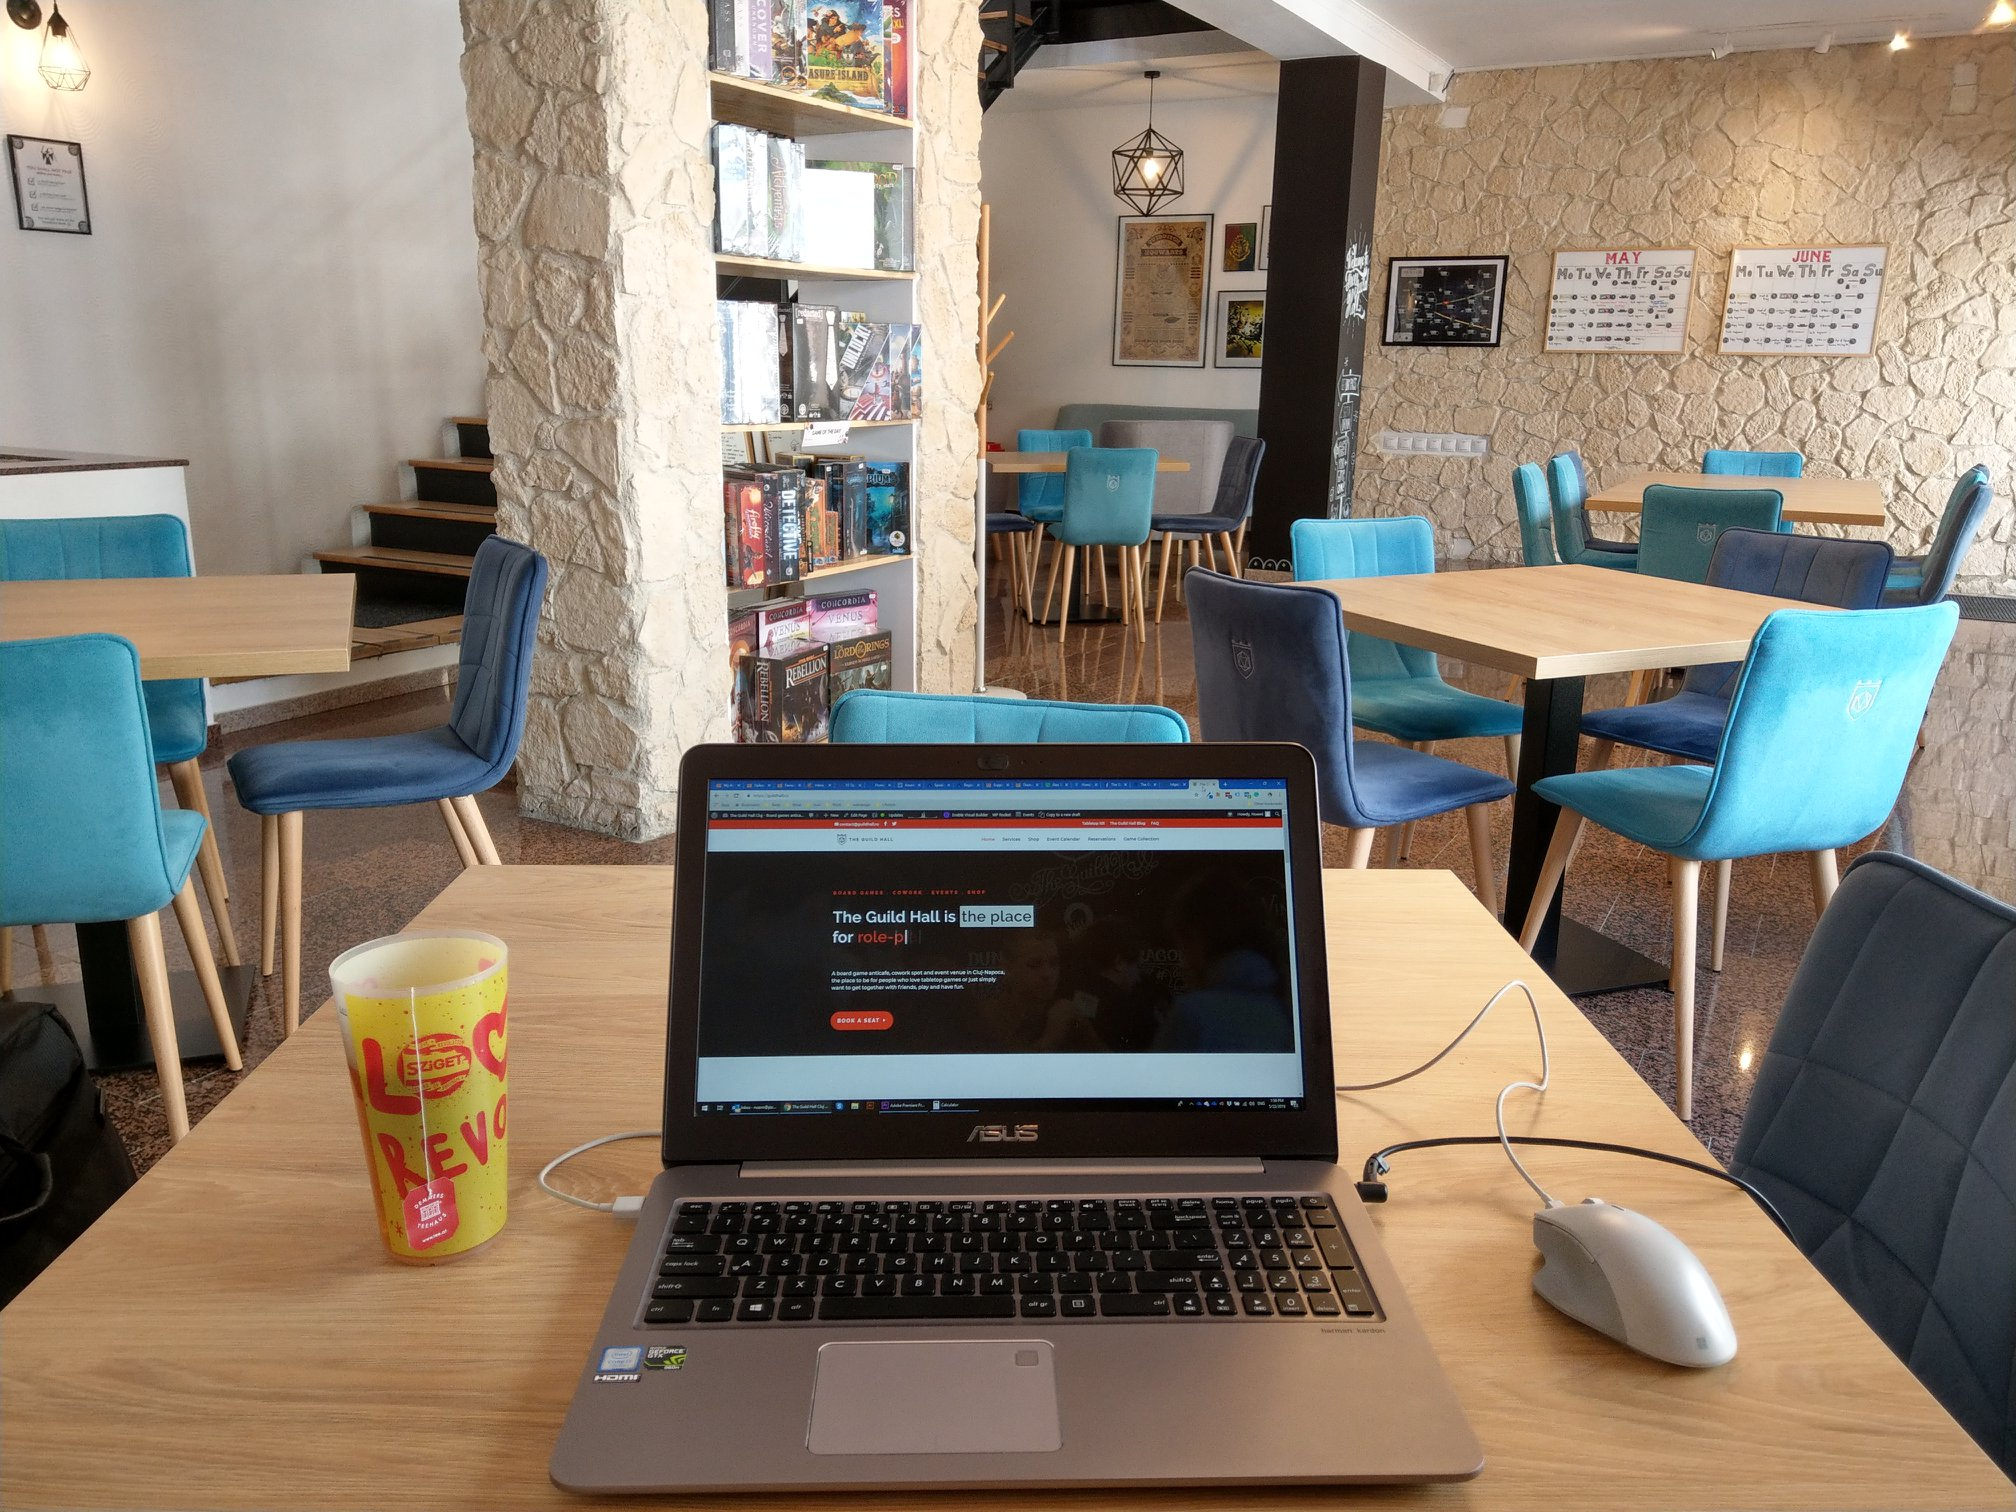 Un spațiu de cowork #altfel: confort și creativitate la The Guild Hall